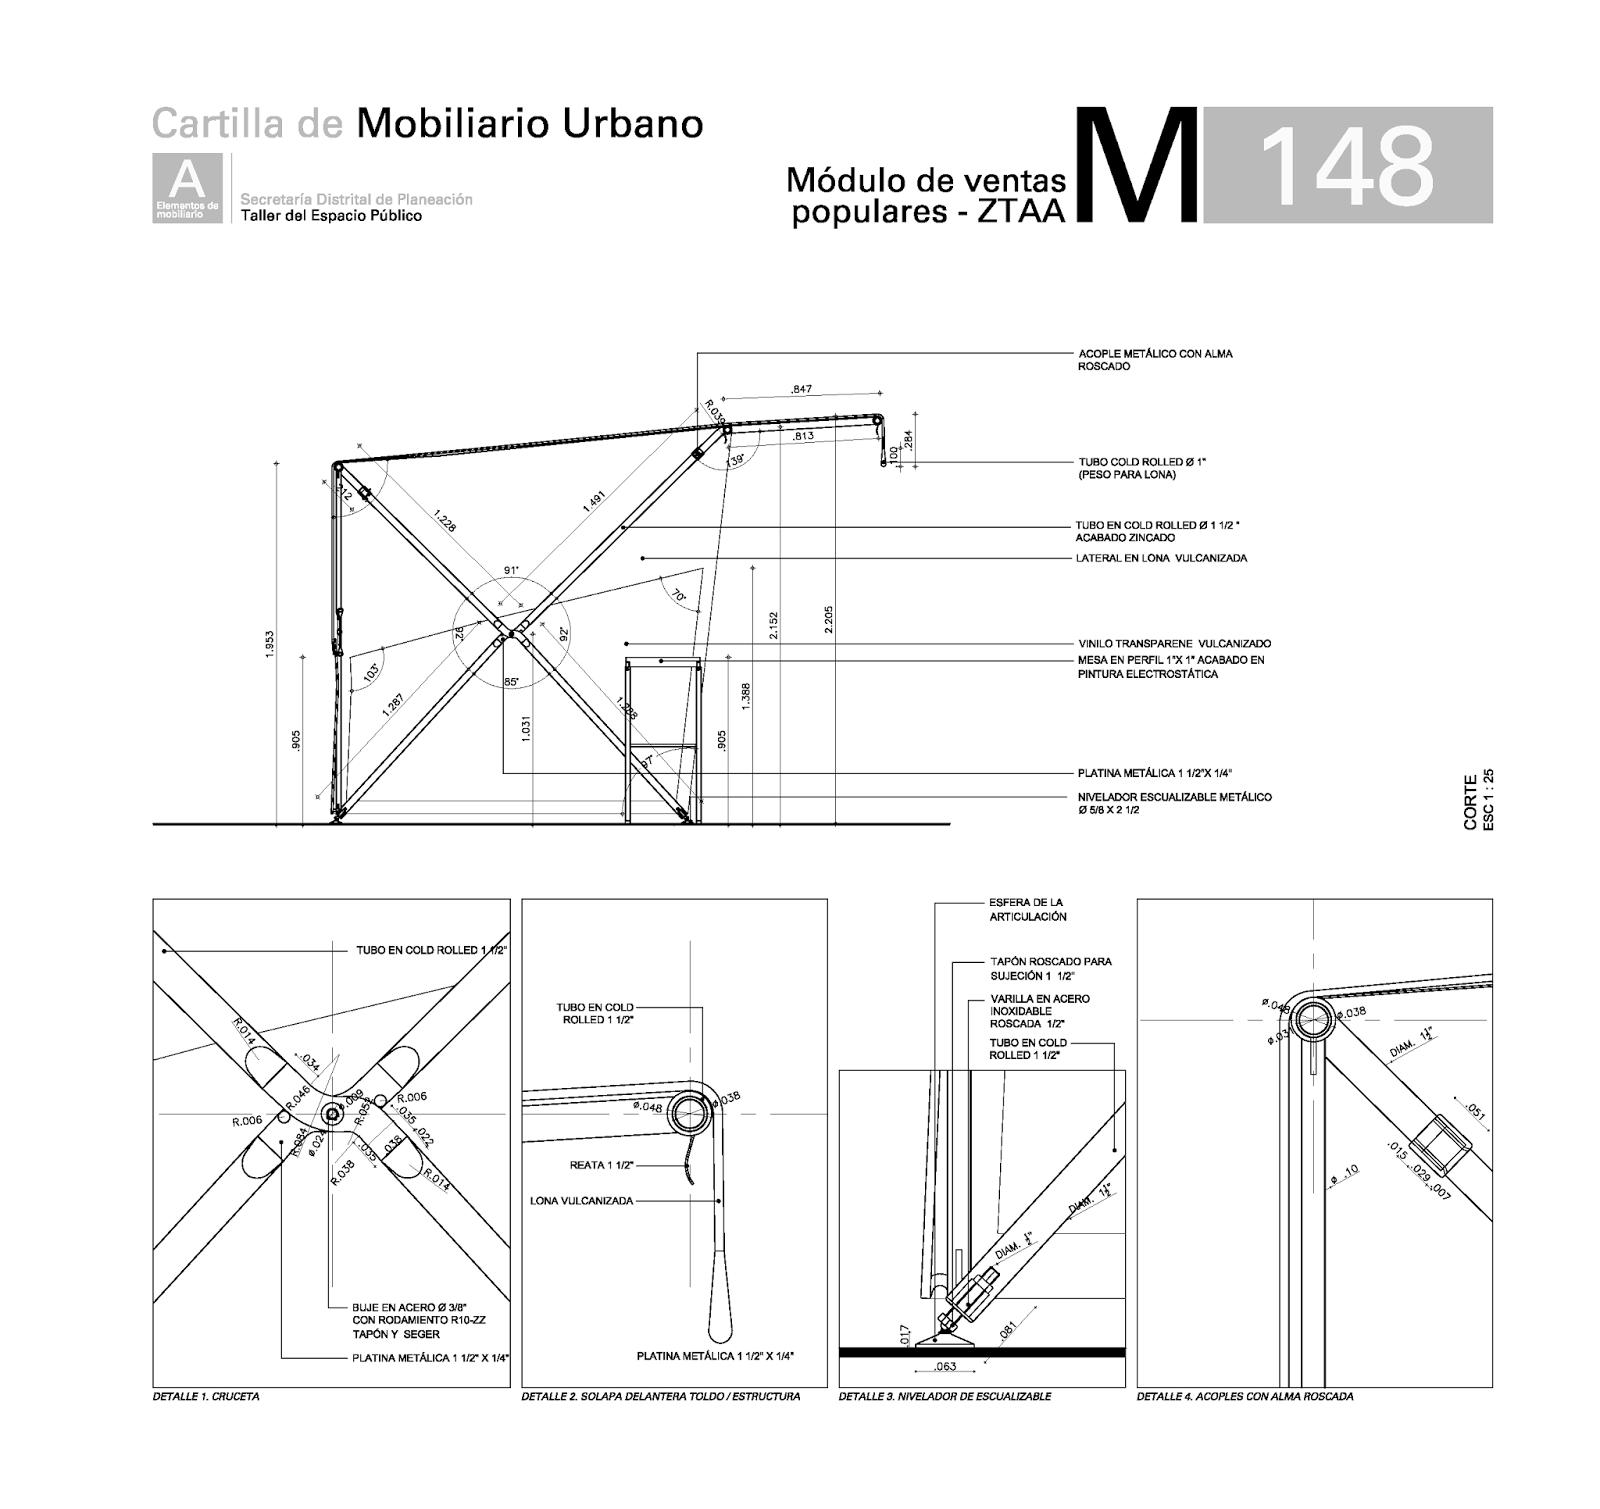 Elarchy Graphics: Cartilla Mobiliario Comiplada